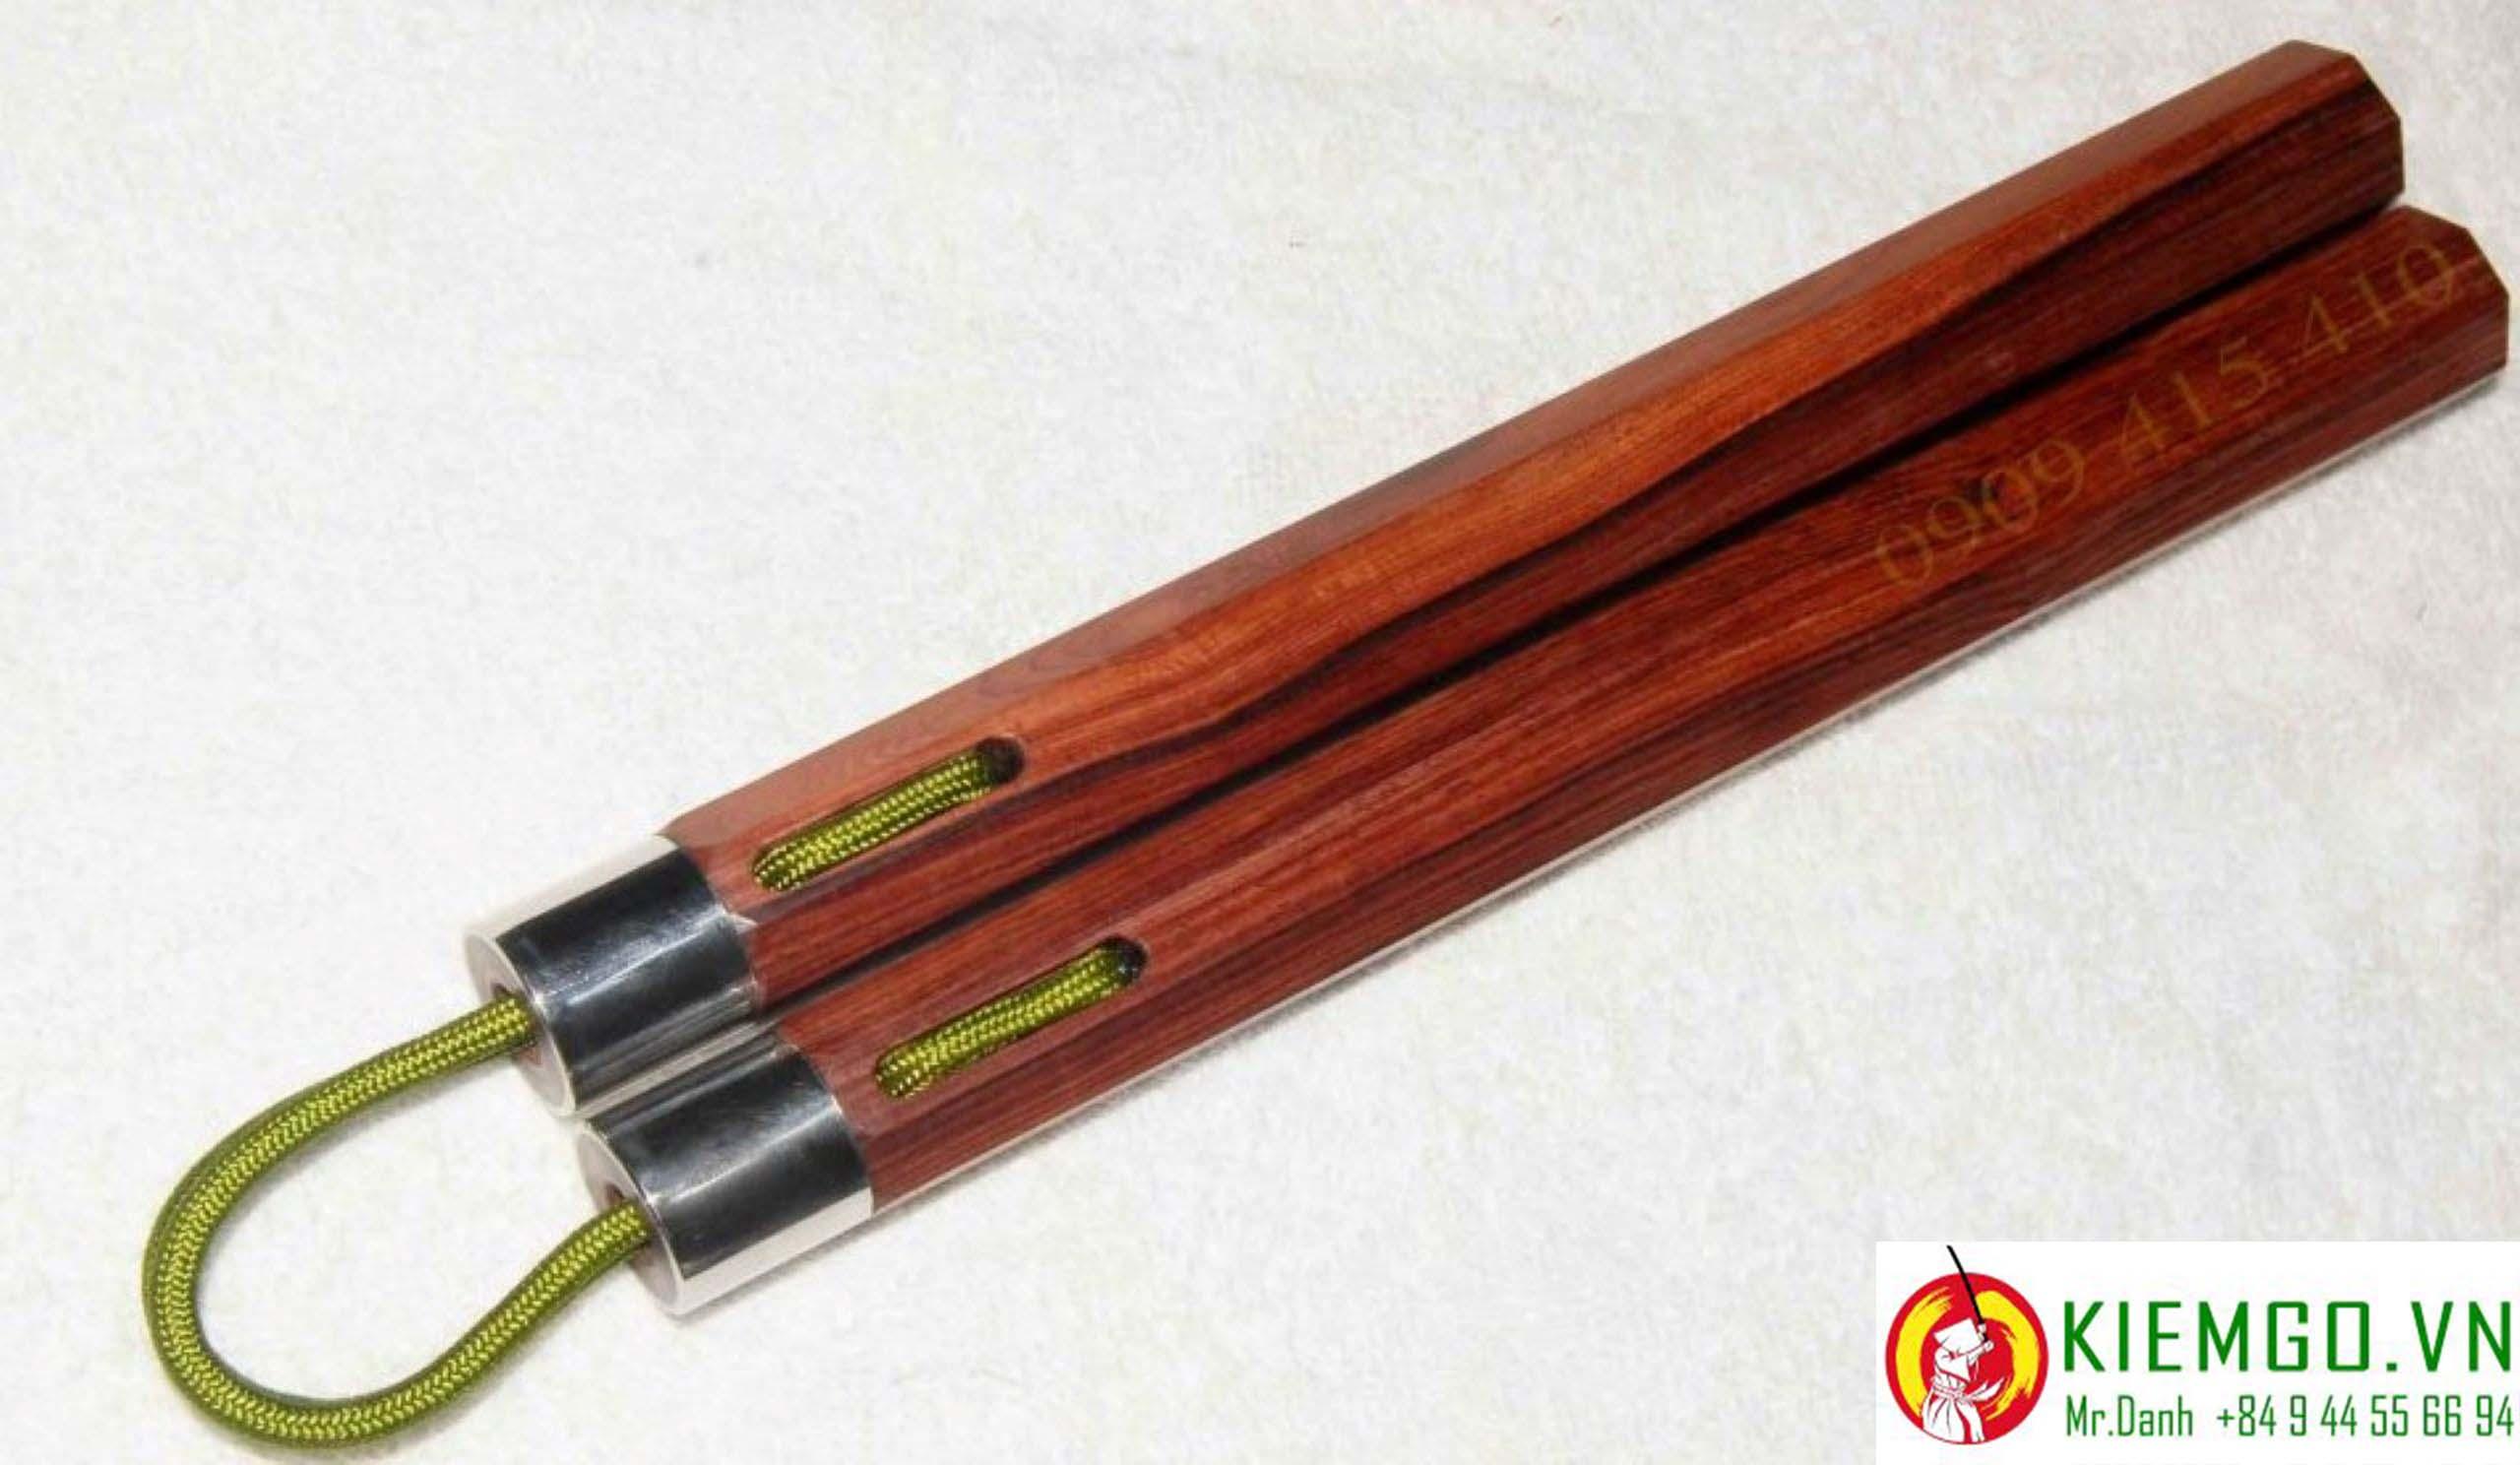 con-nhi-khuc-go-cam-lai-boc-inox-day-du là một lựa chọn thực sự thích hợp cho anh em thích kiểu côn vừa hiện đại pha lẫn truyền thống, gỗ cẩm lai loại 1 xuất sắc, được gia công tinh tế chuẩn sắc nét, dây dù xịn dẽo dai bền bĩ và linh hoạt mượt mà và chắn chắn